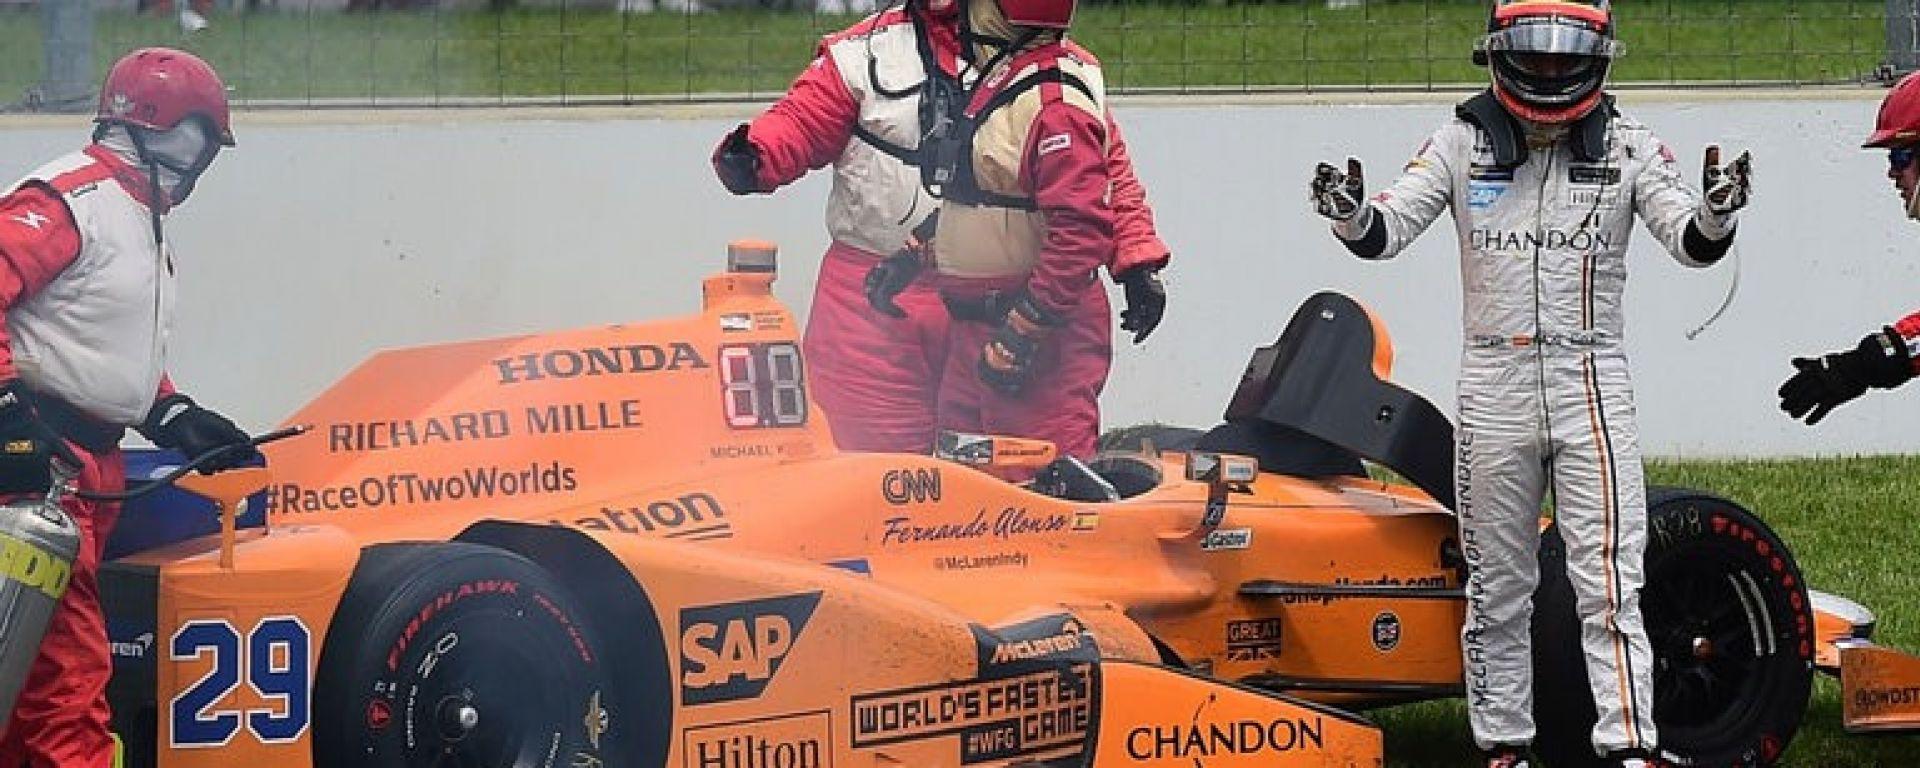 Alonso tradito dal motore Honda anche alla 500 Miglia Indianapolis - IndyCar Series